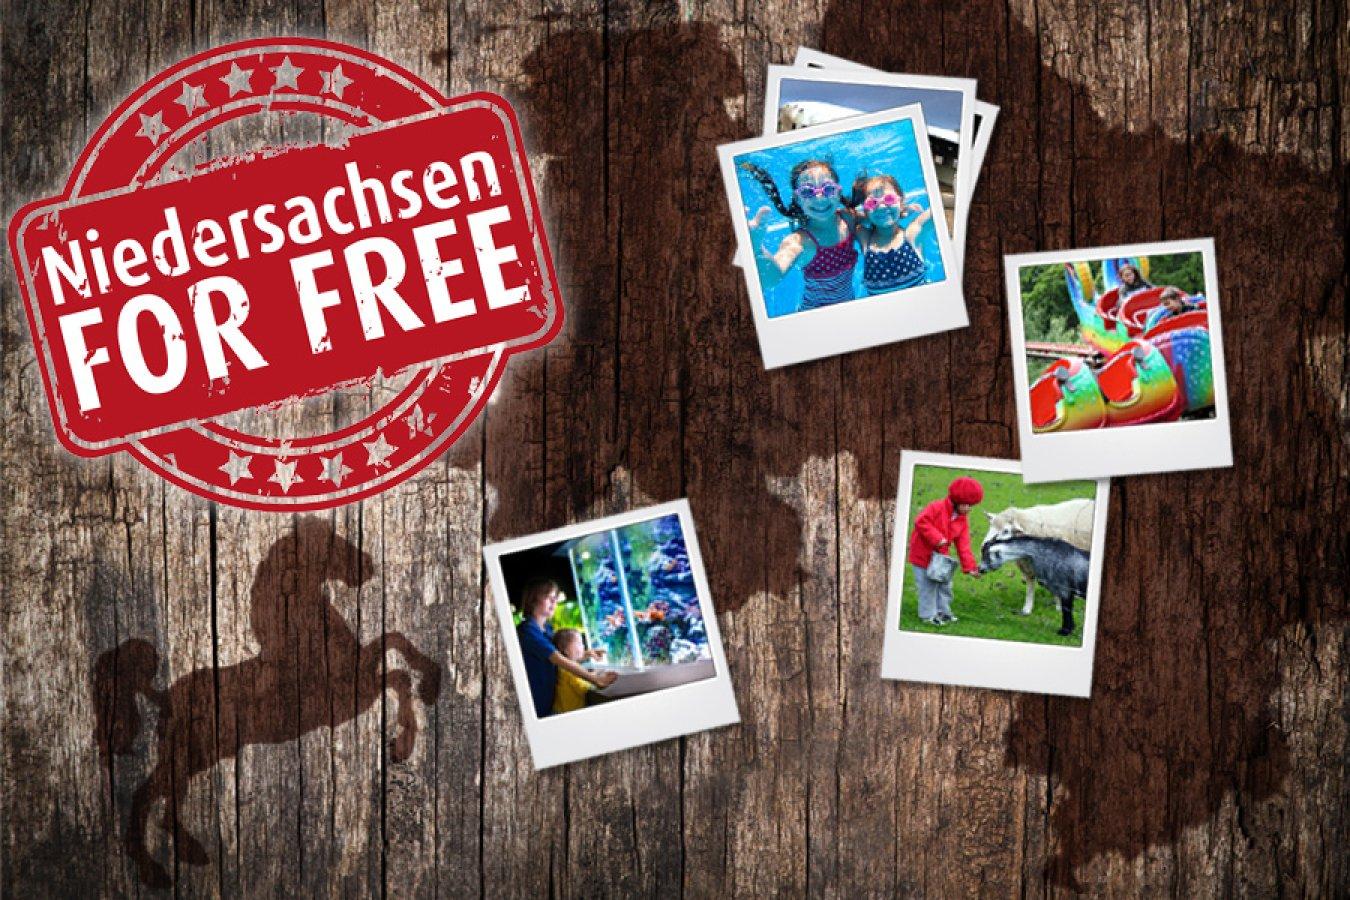 Niedersachsen for FREE - Kostenlos in Parks, Museen, Bäder, etc. in Niedersachsen in den Herbstferien (04.-15.10.2016)